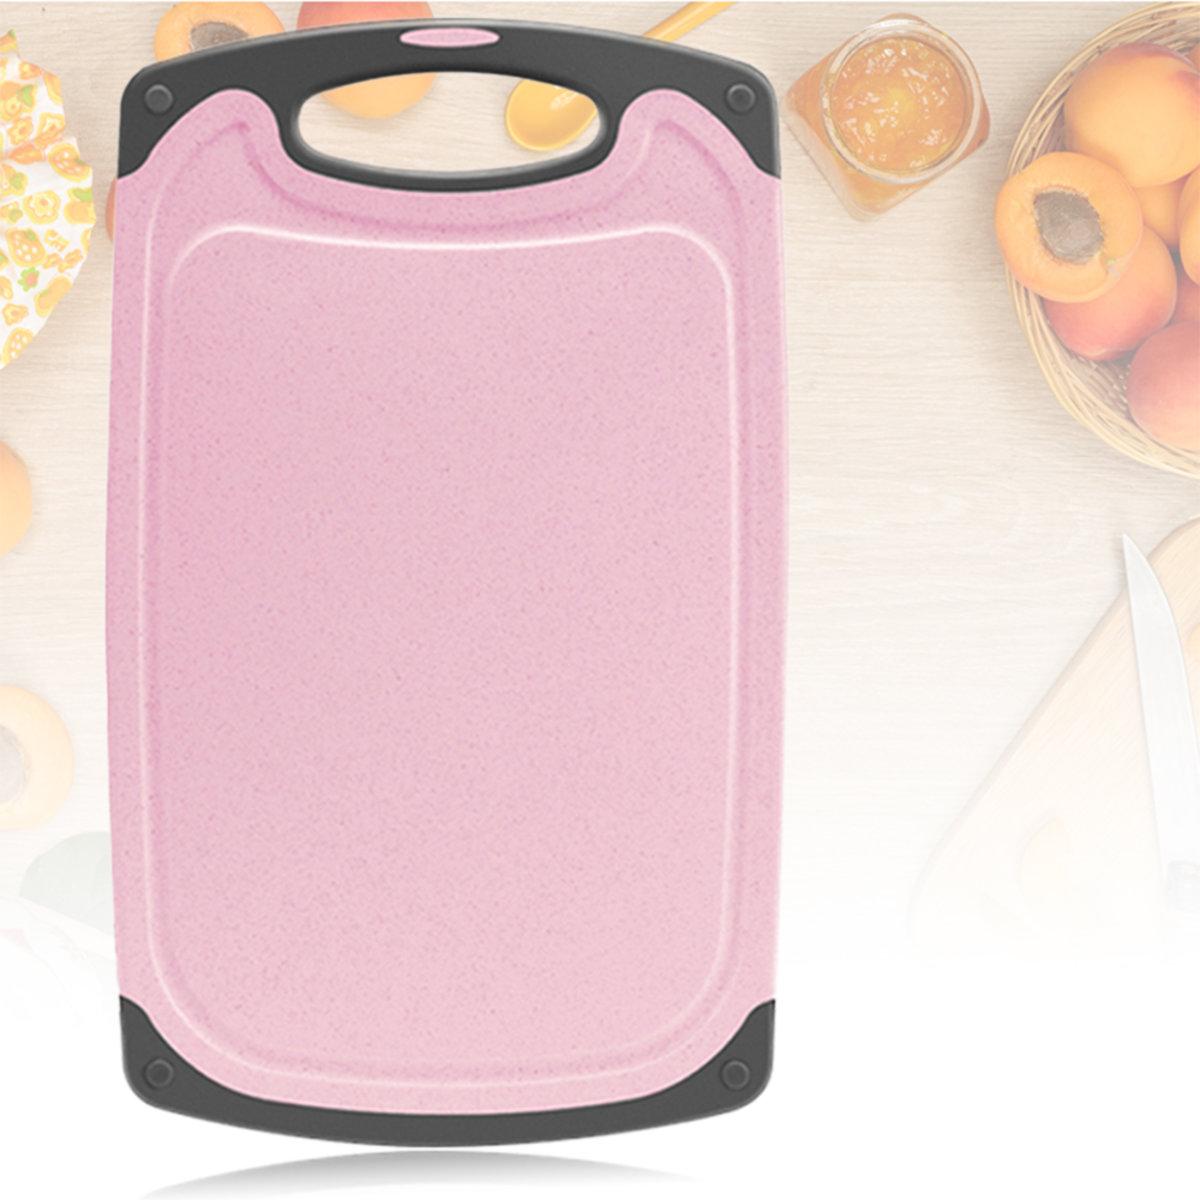 環保小麥秸稈砧板 33厘米x 20厘米 凹槽設計 廚房蔬菜切割板 易易於清潔 防滑 無BPA